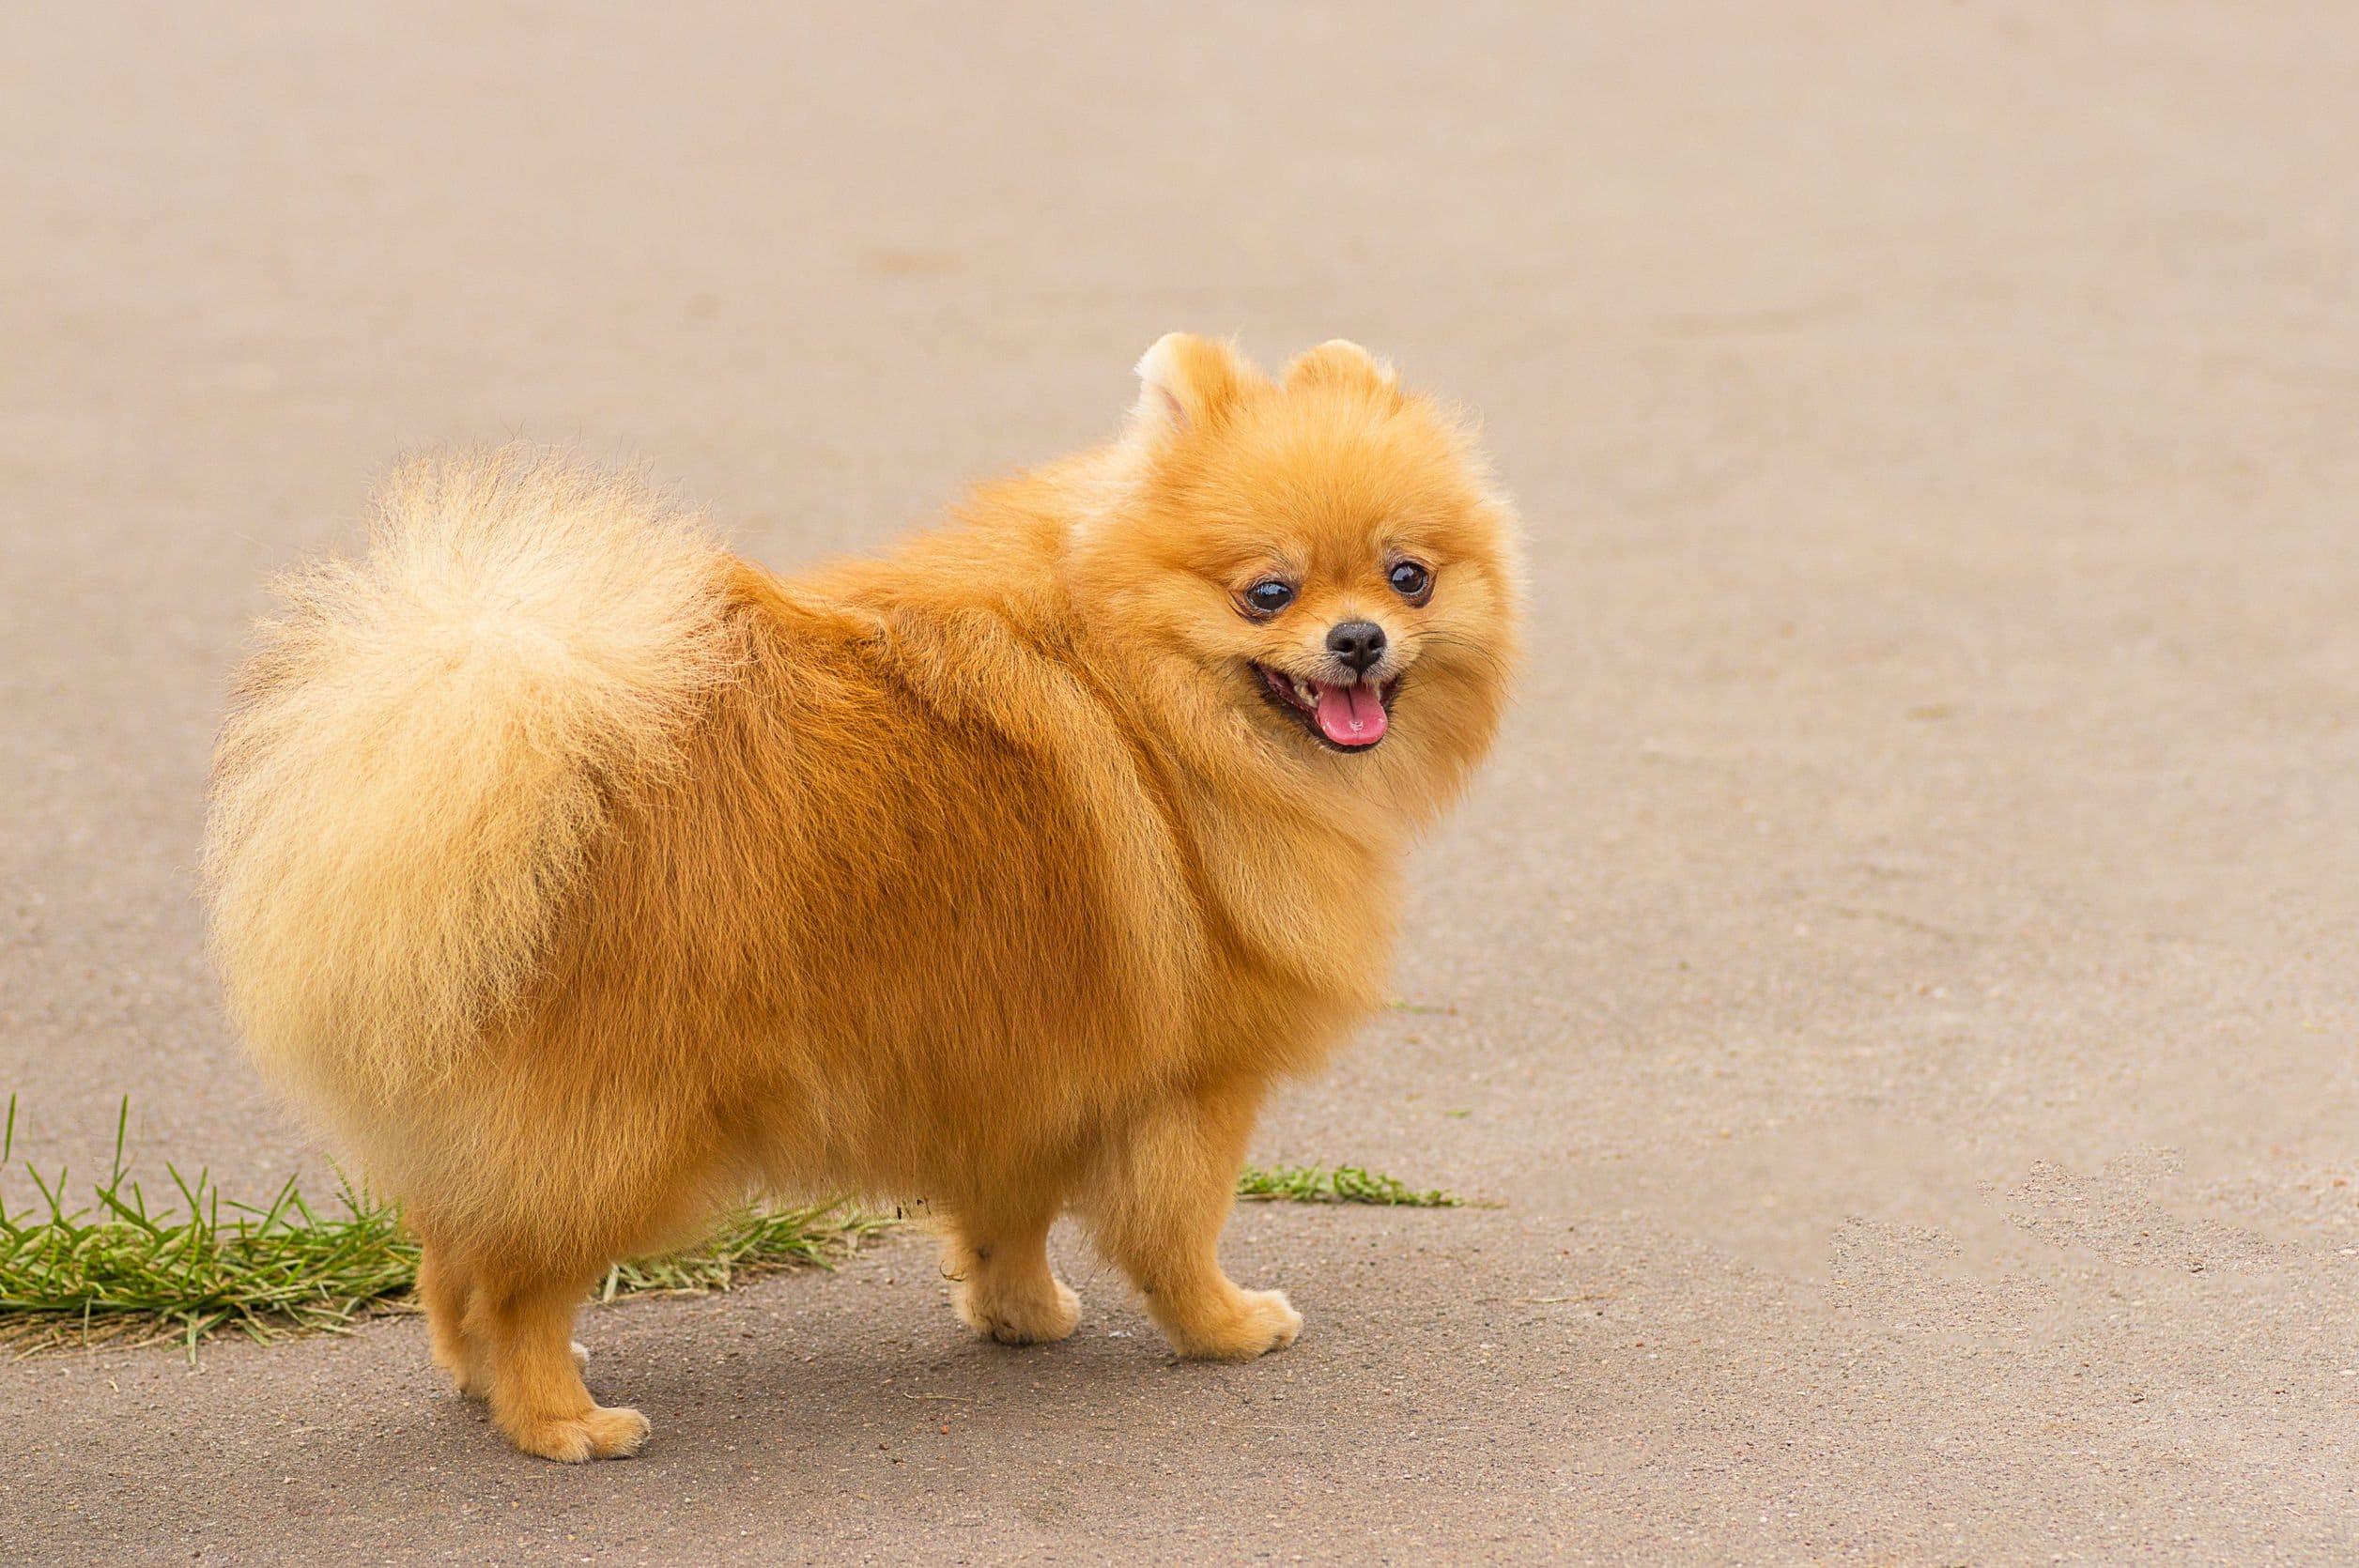 W Ultra Dla kogo szpic miniaturowy? Charakter i usposobienie psów tej rasy HW84